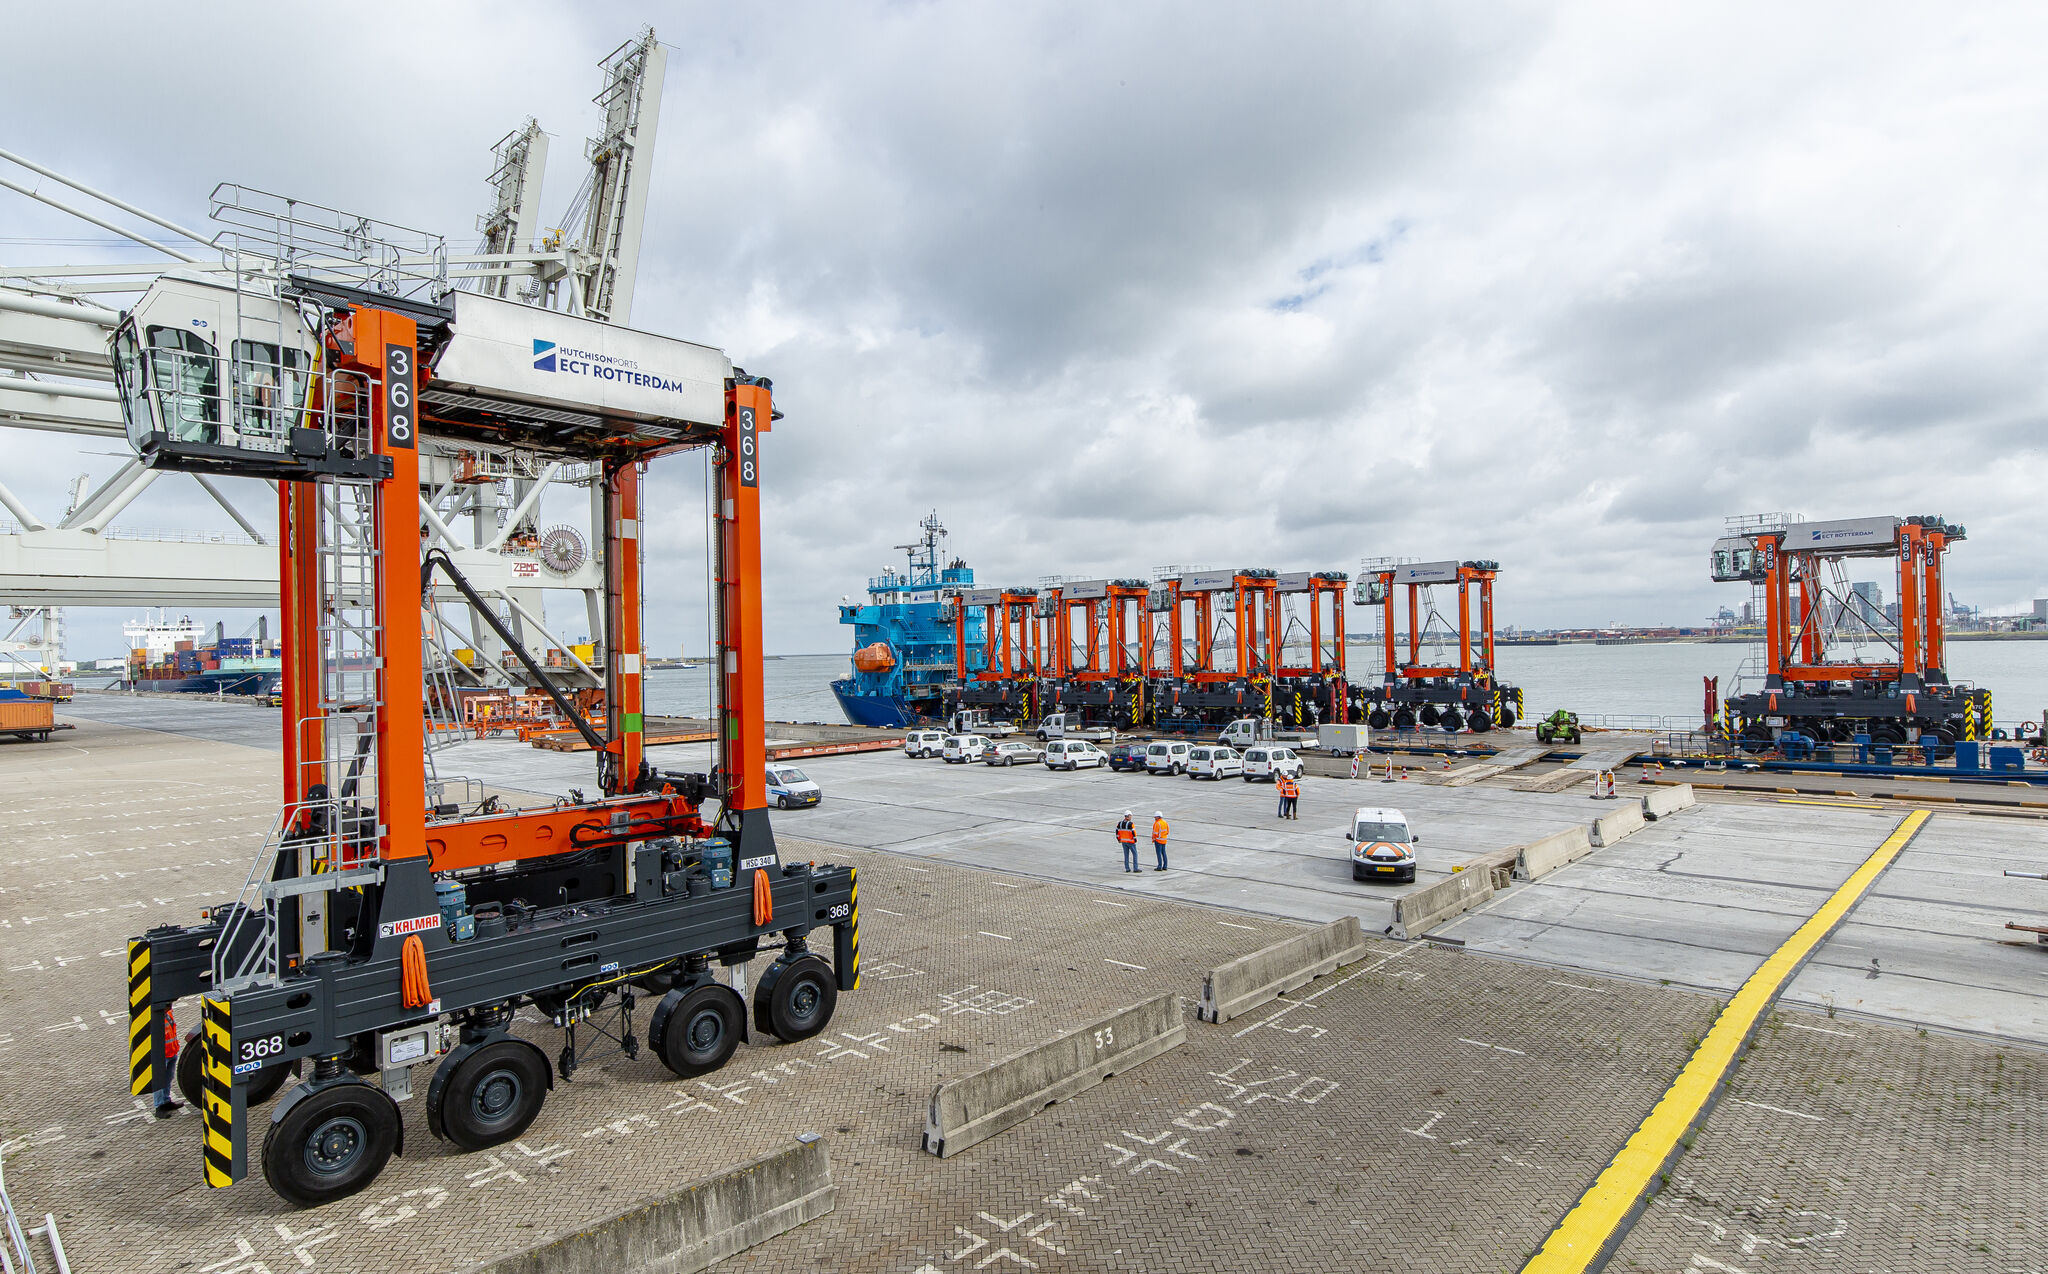 De nieuwe straddle carriers van ECT Rotterdam zijn al aangekomen. (Foto ECT)